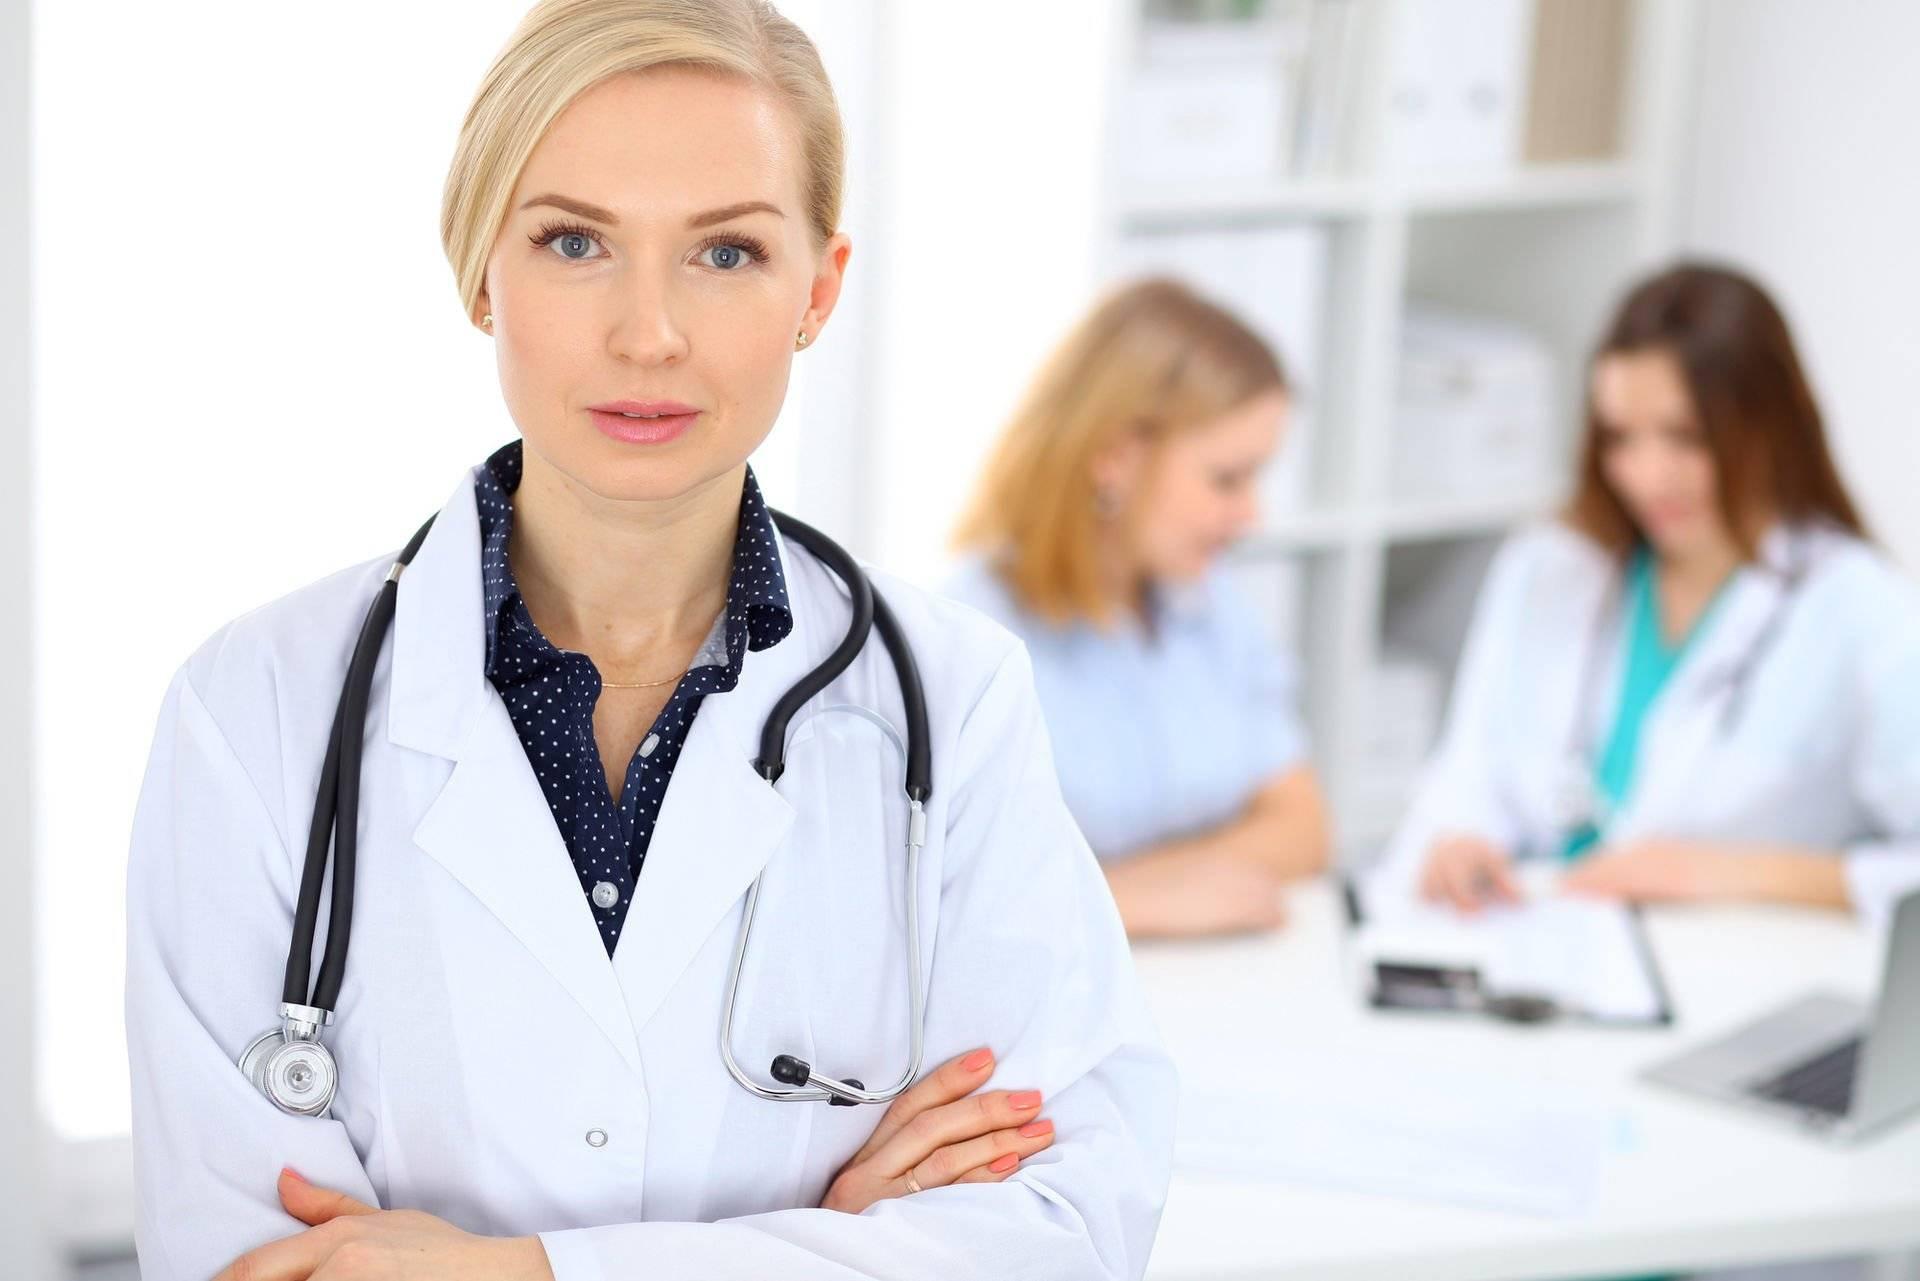 Что лечит эндокринолог? врач эндокринолог – кто это, что лечит у женщин, мужчин, детей?